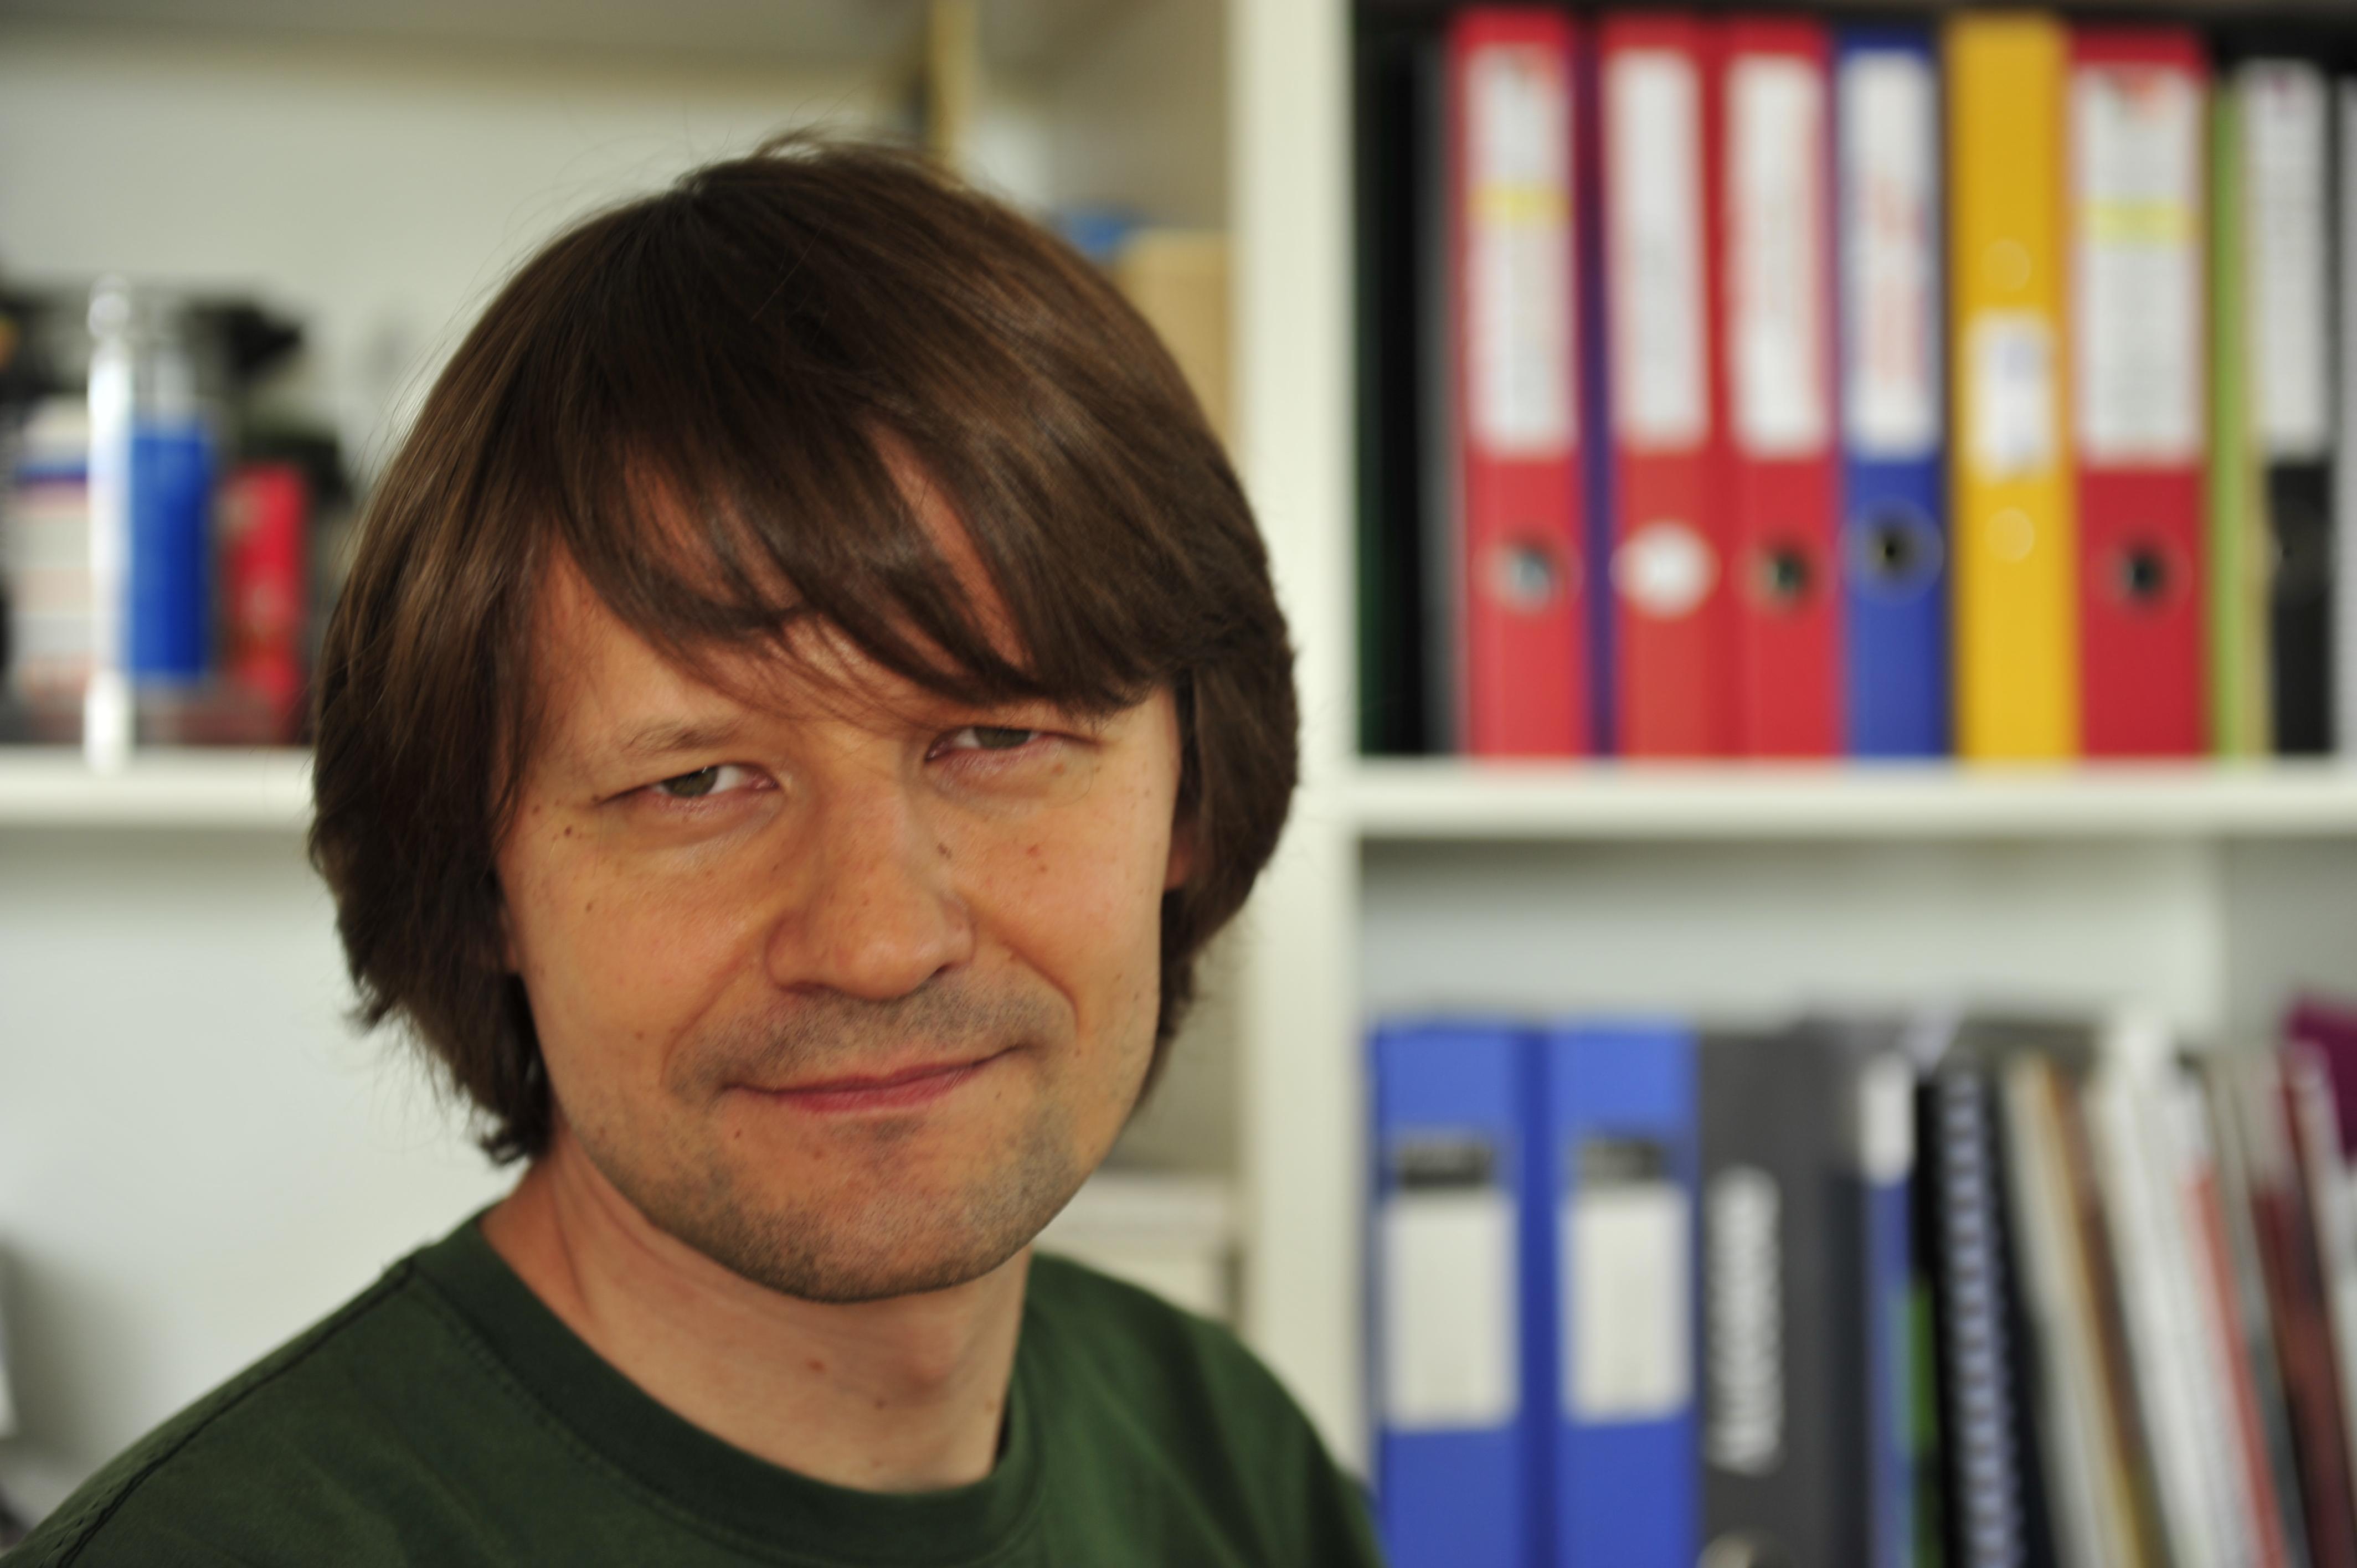 Mariusz Krispel